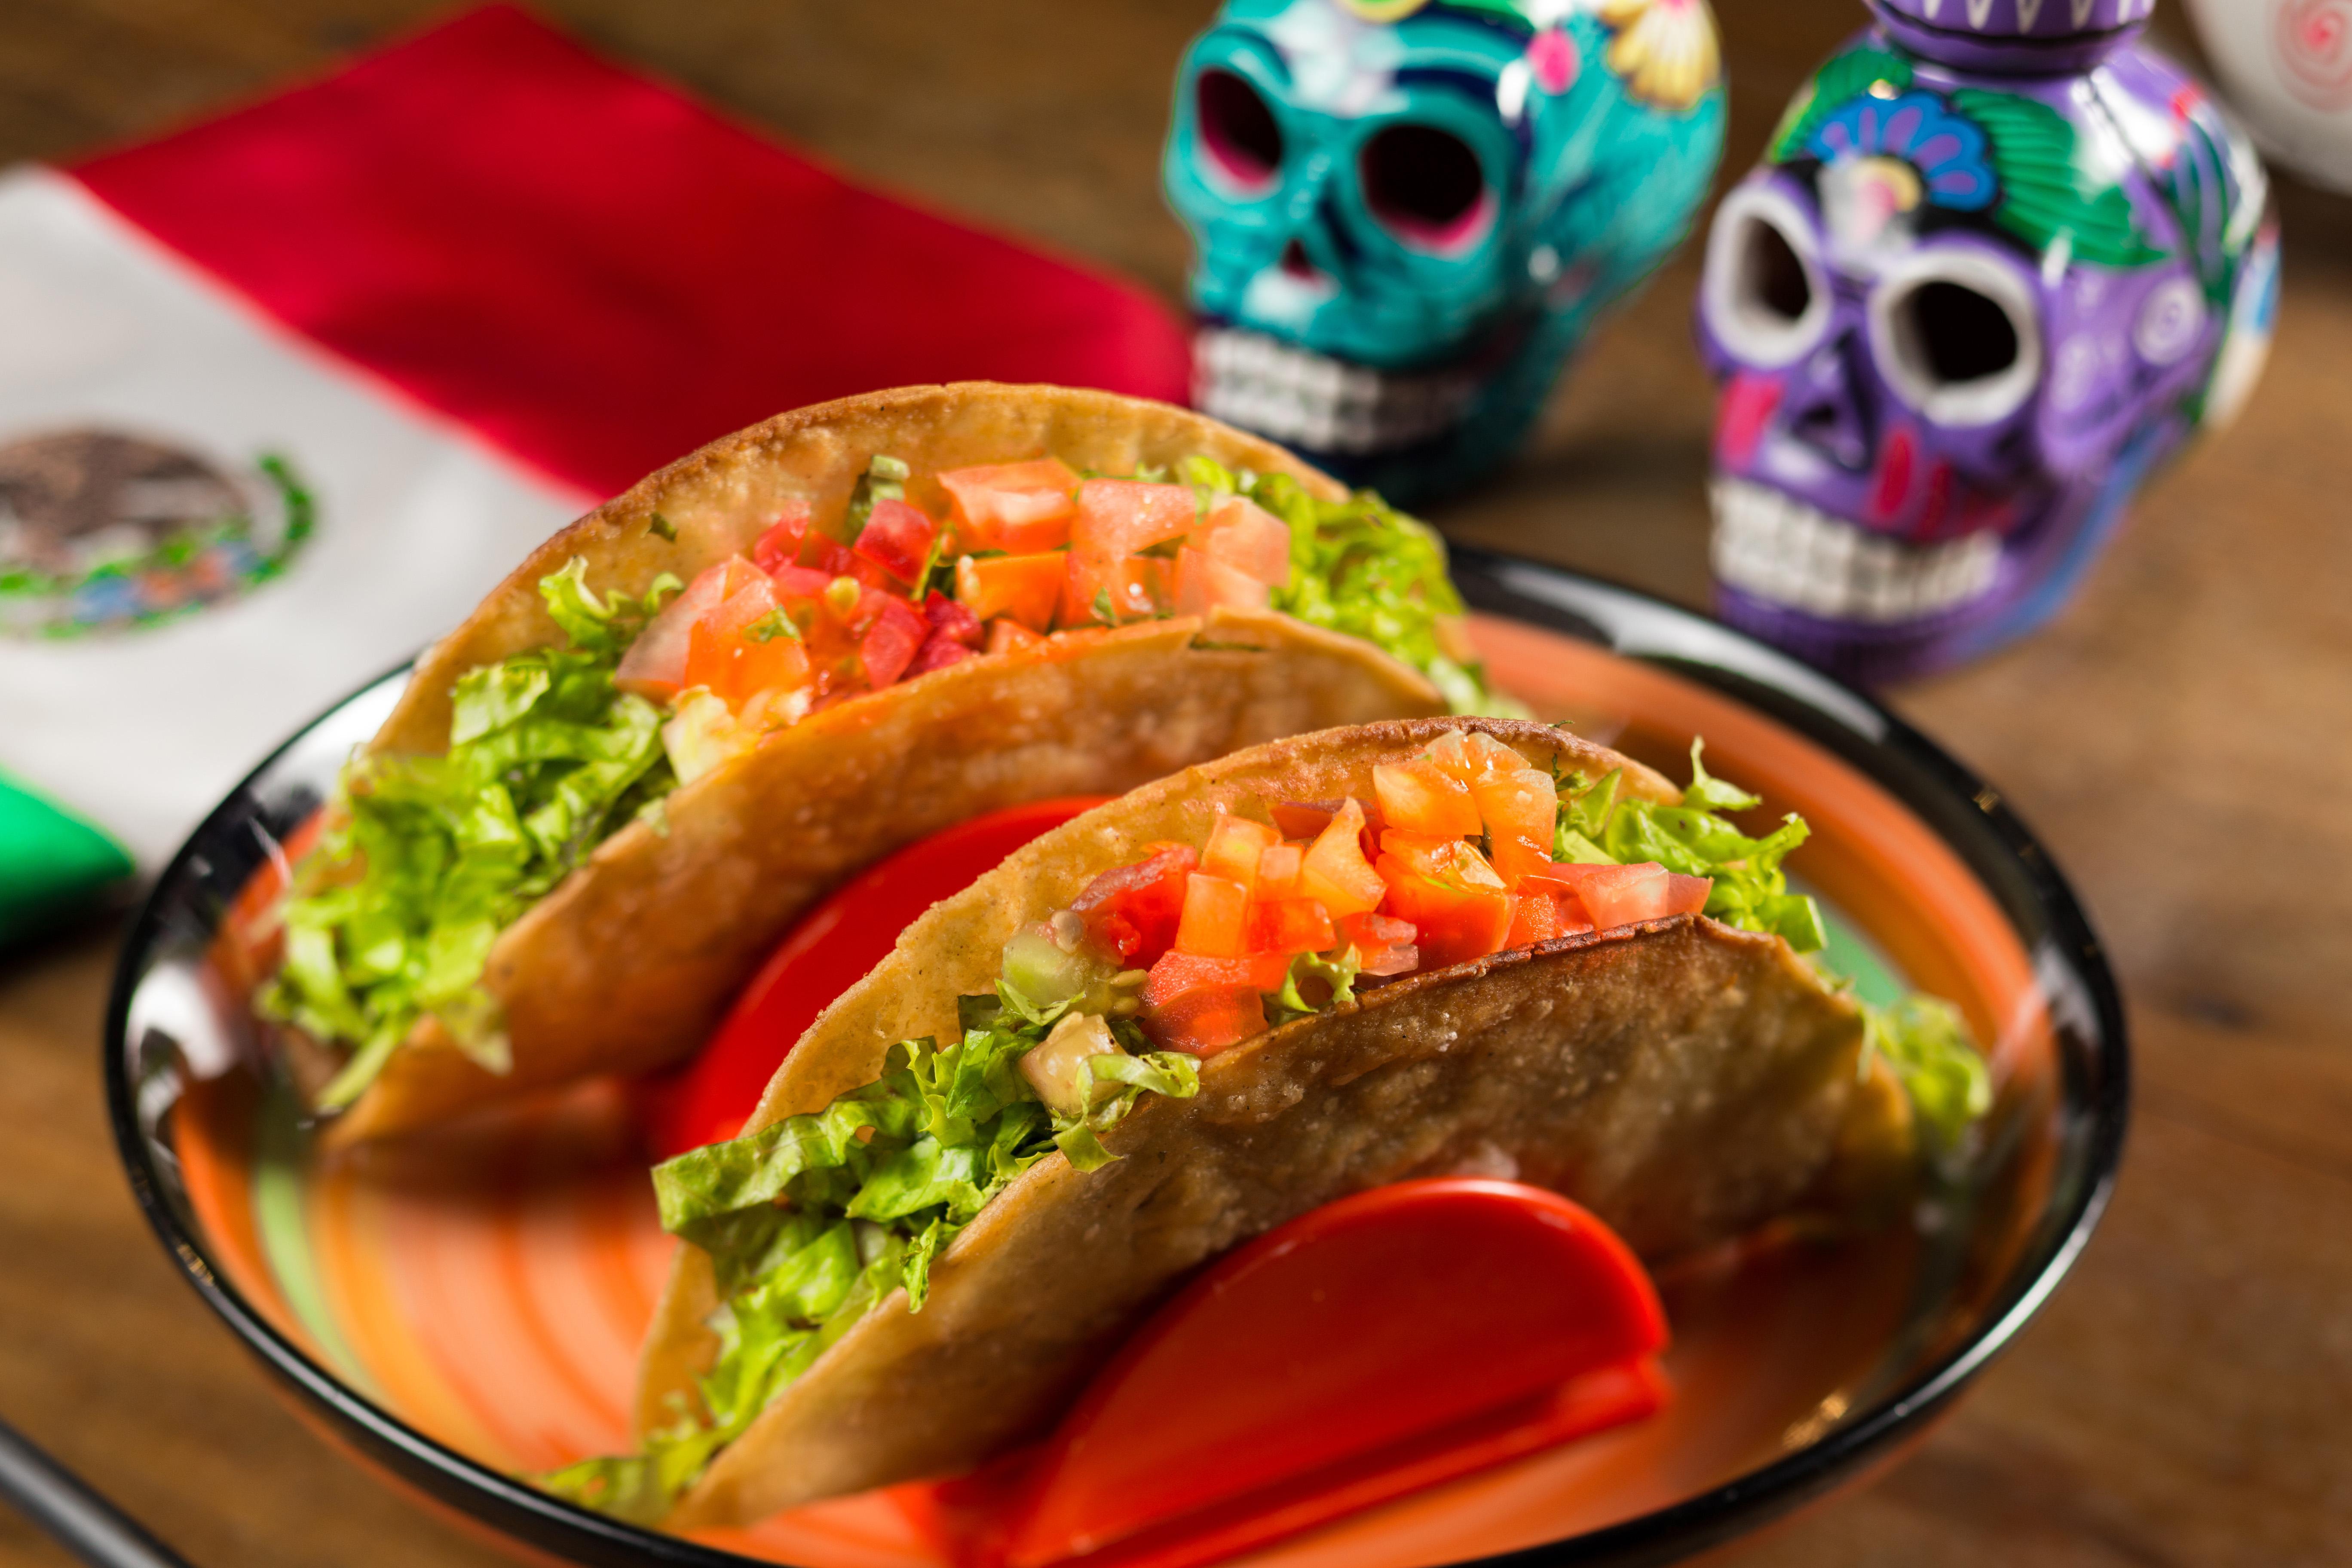 Tacos veganos - Crédito: Andre Nery/Divulgação